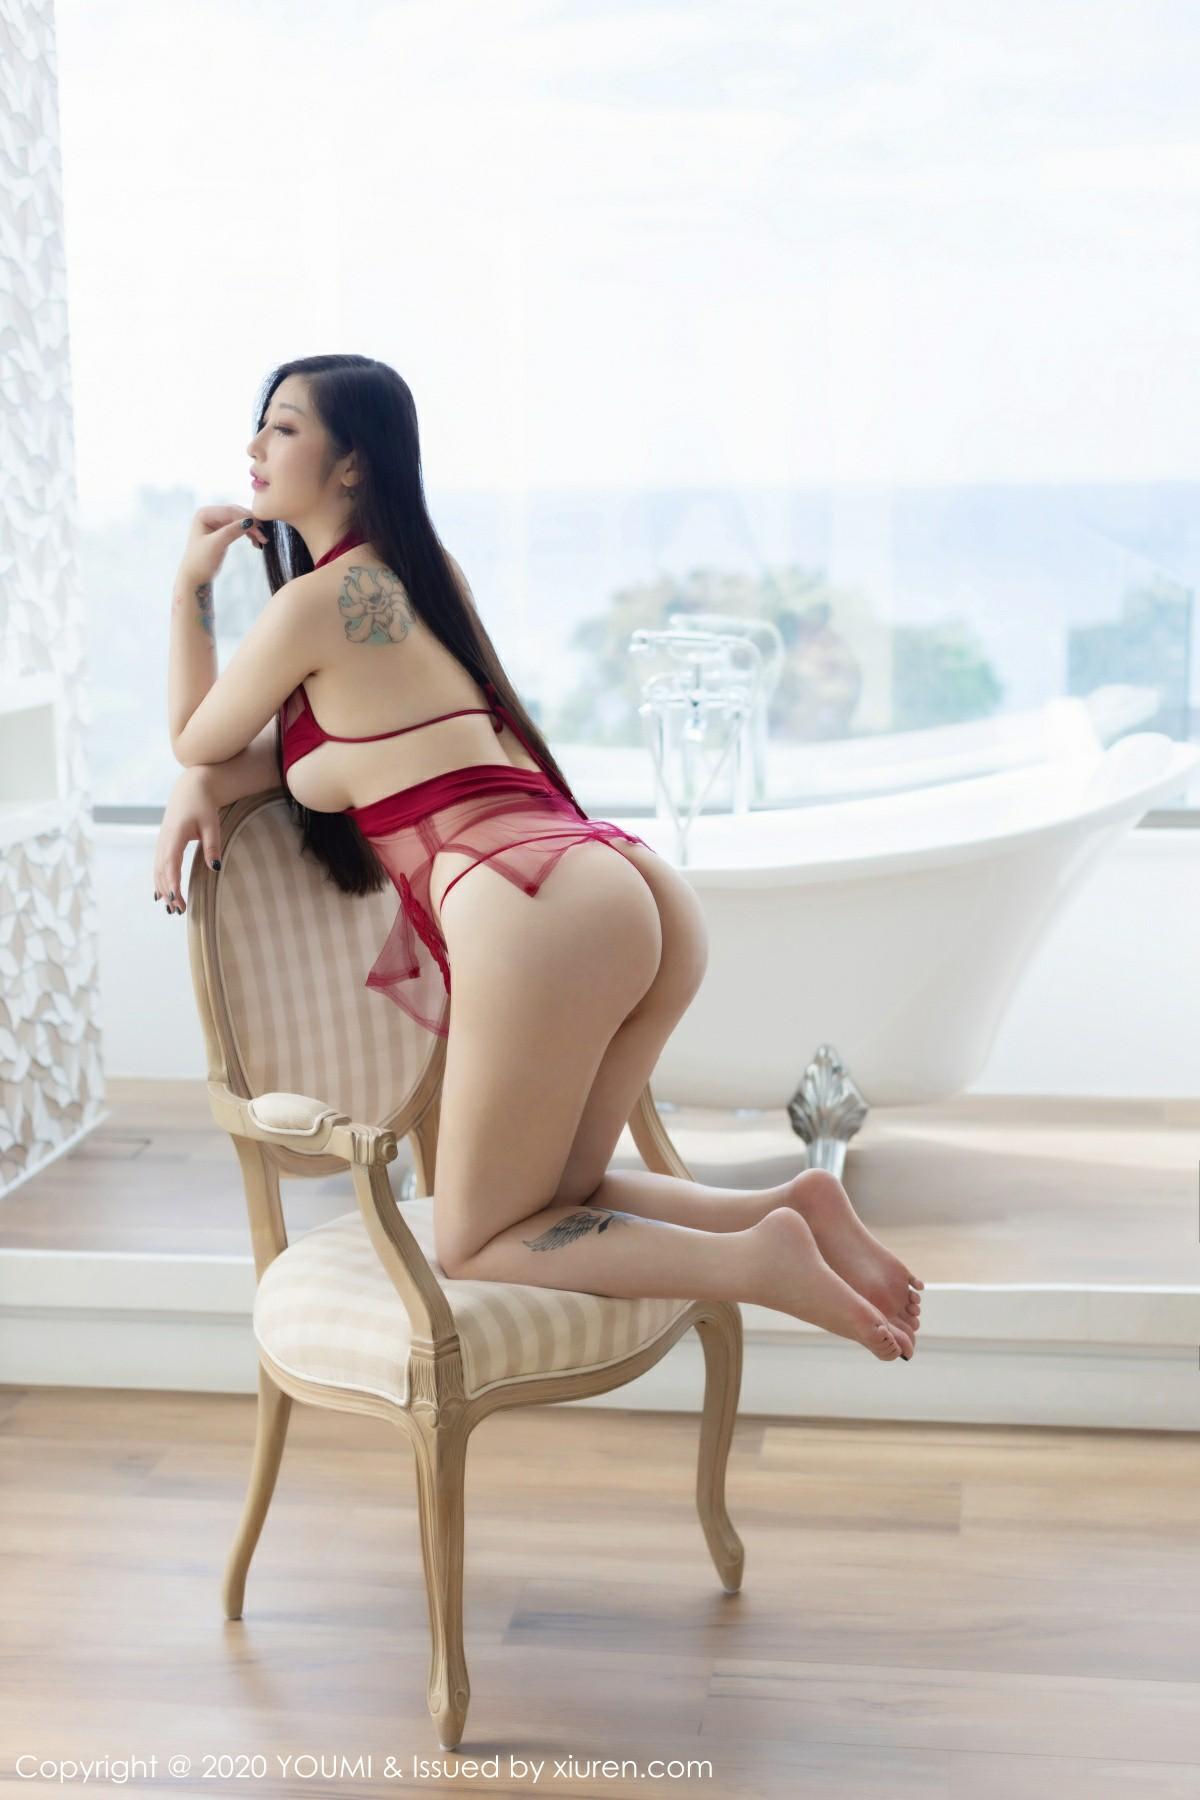 [YOUMI尤蜜荟]2020.03.23 VOL.439 妲己 Toxic[46P] 尤蜜荟 第4张